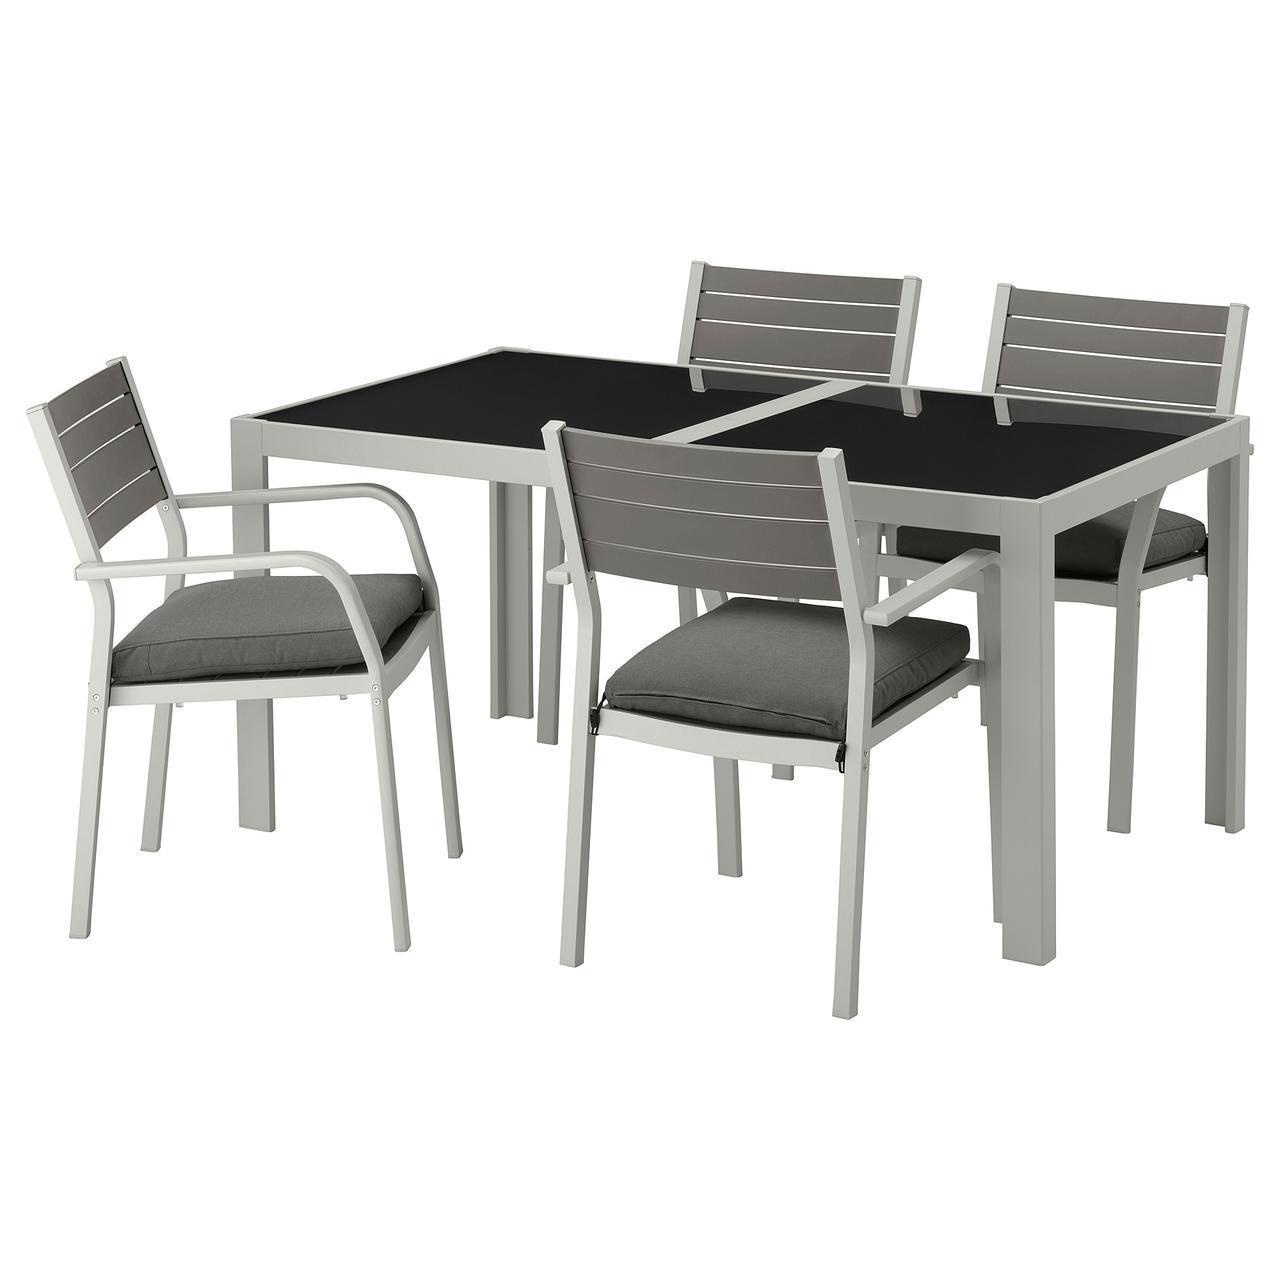 IKEA SJALLAND Садовый стол и 4 стула, стекло, (492.656.83)